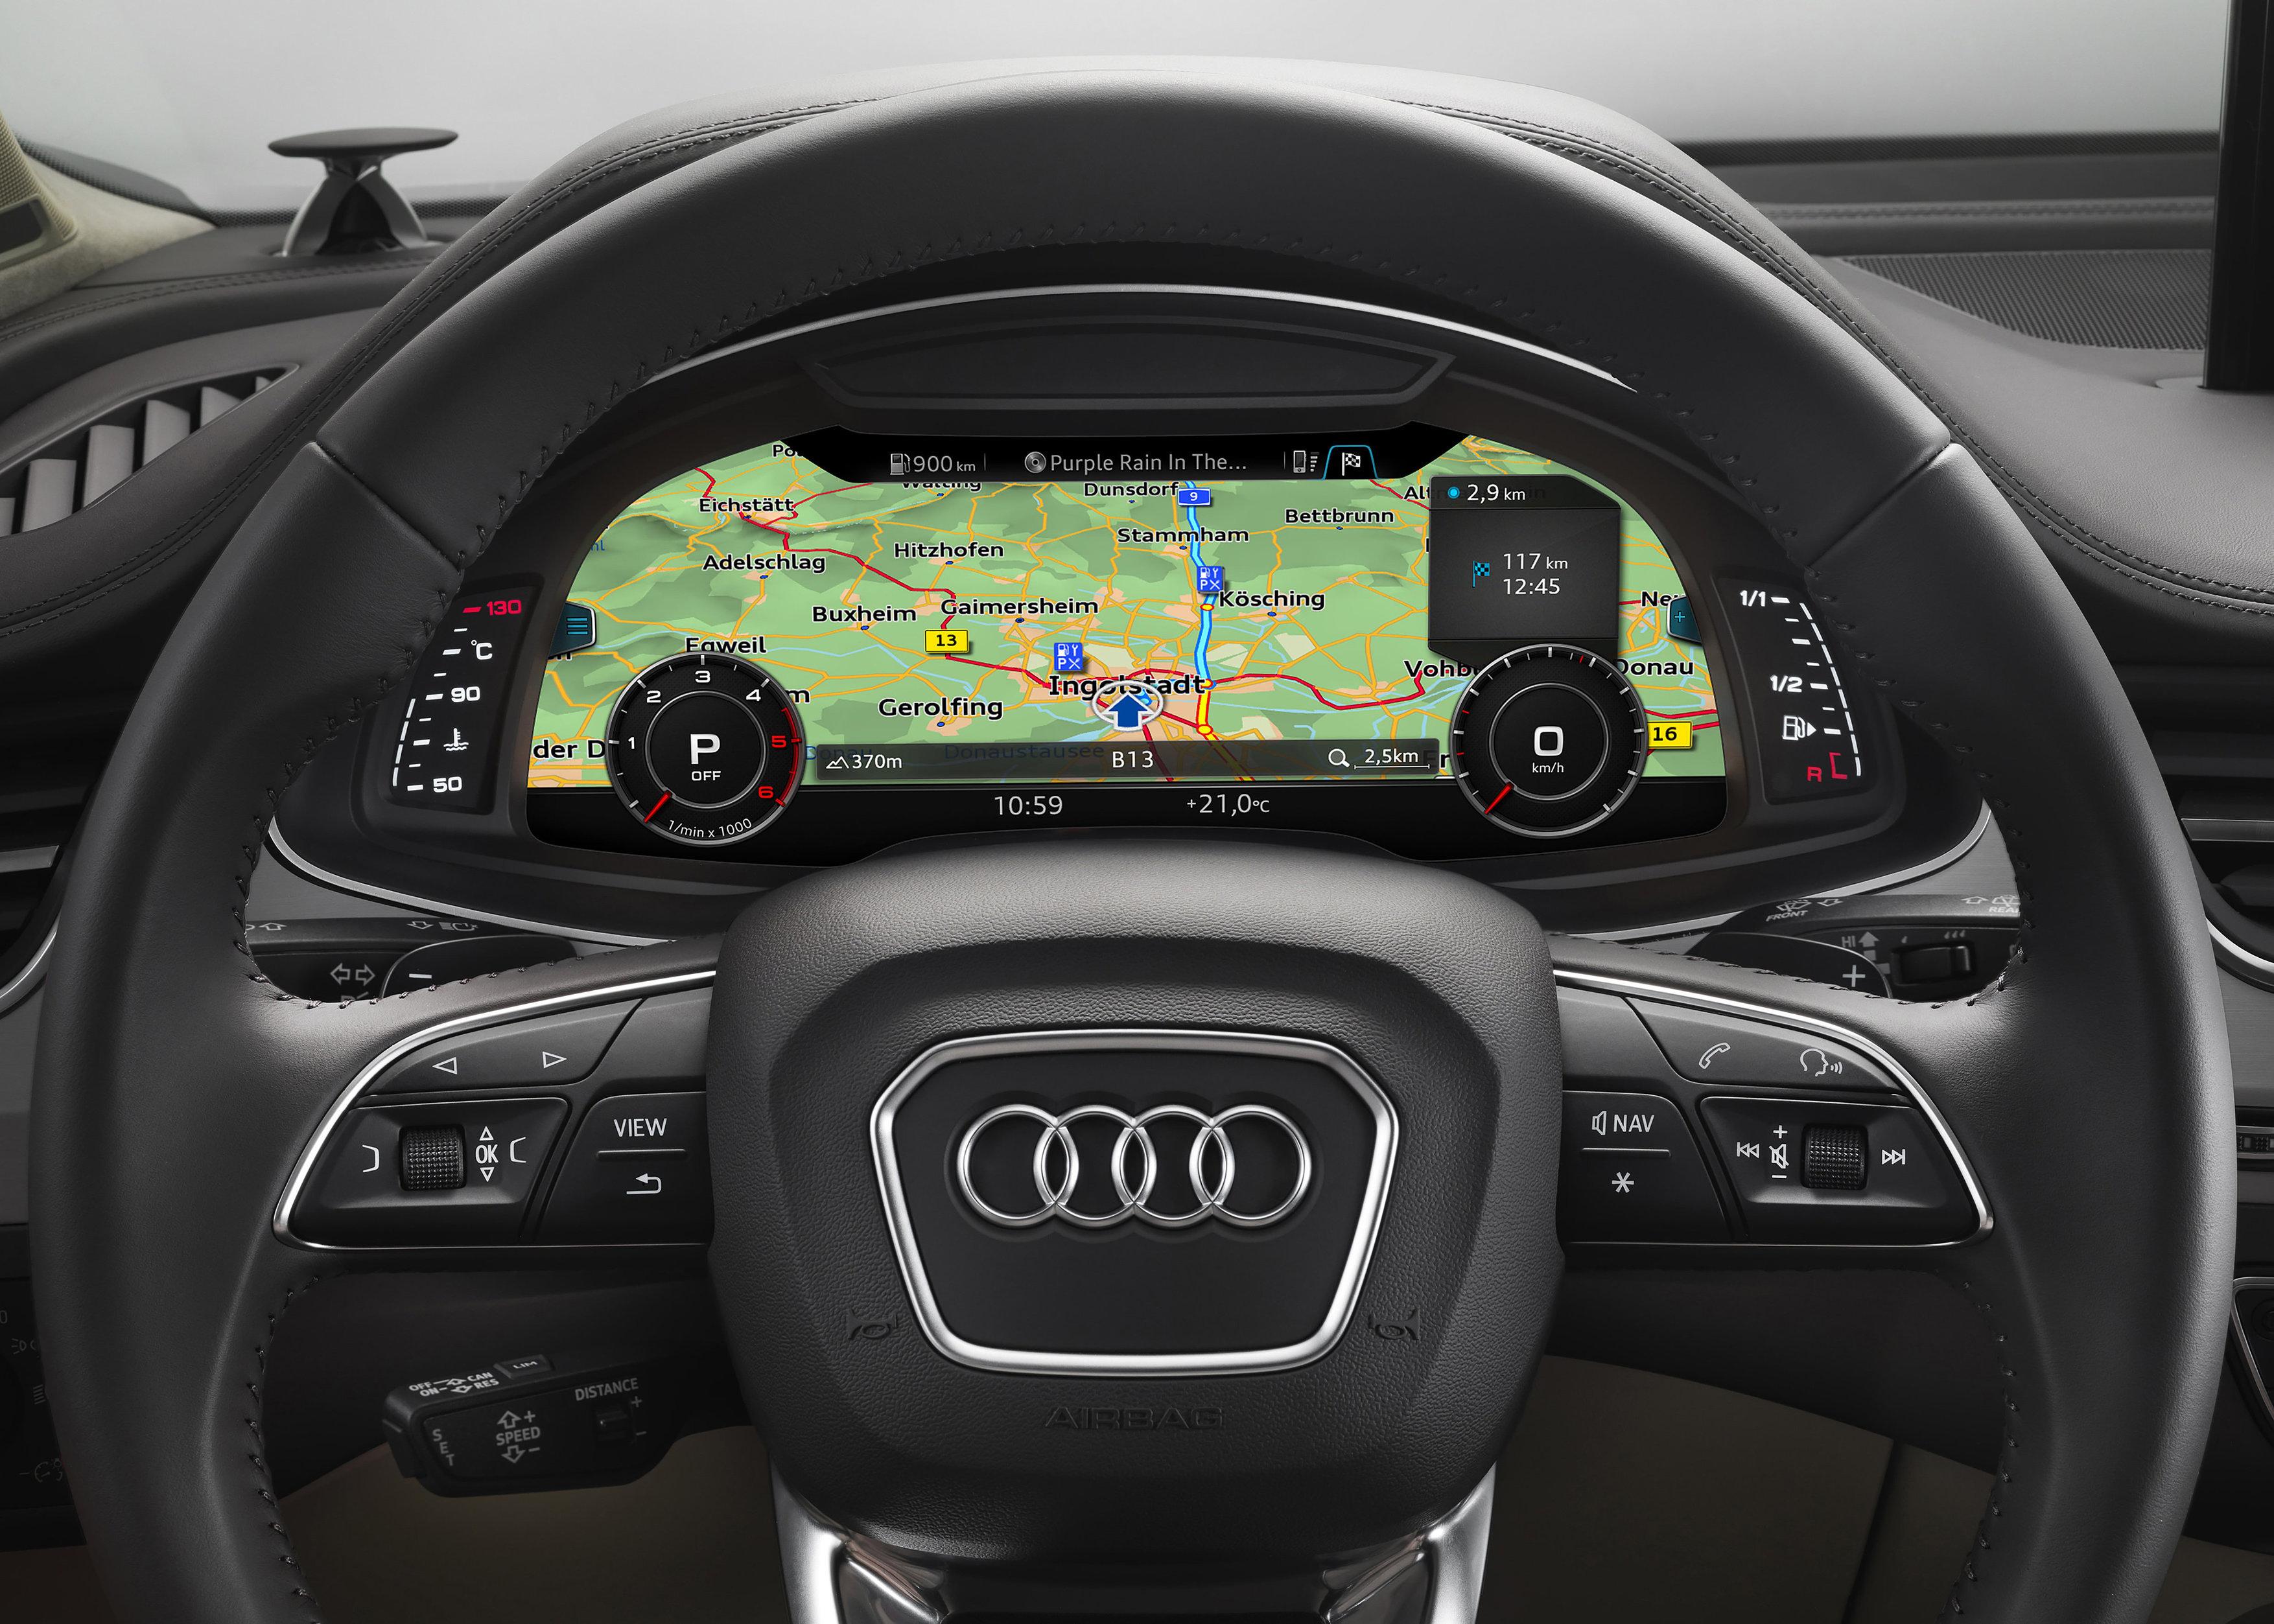 Automotive Nokia Here Maps komt in handen van Audi, BMW en Daimler De ...: numrush.nl/2015/07/24/duitse-autofabrikanten-eigen-kaartendienst-is...